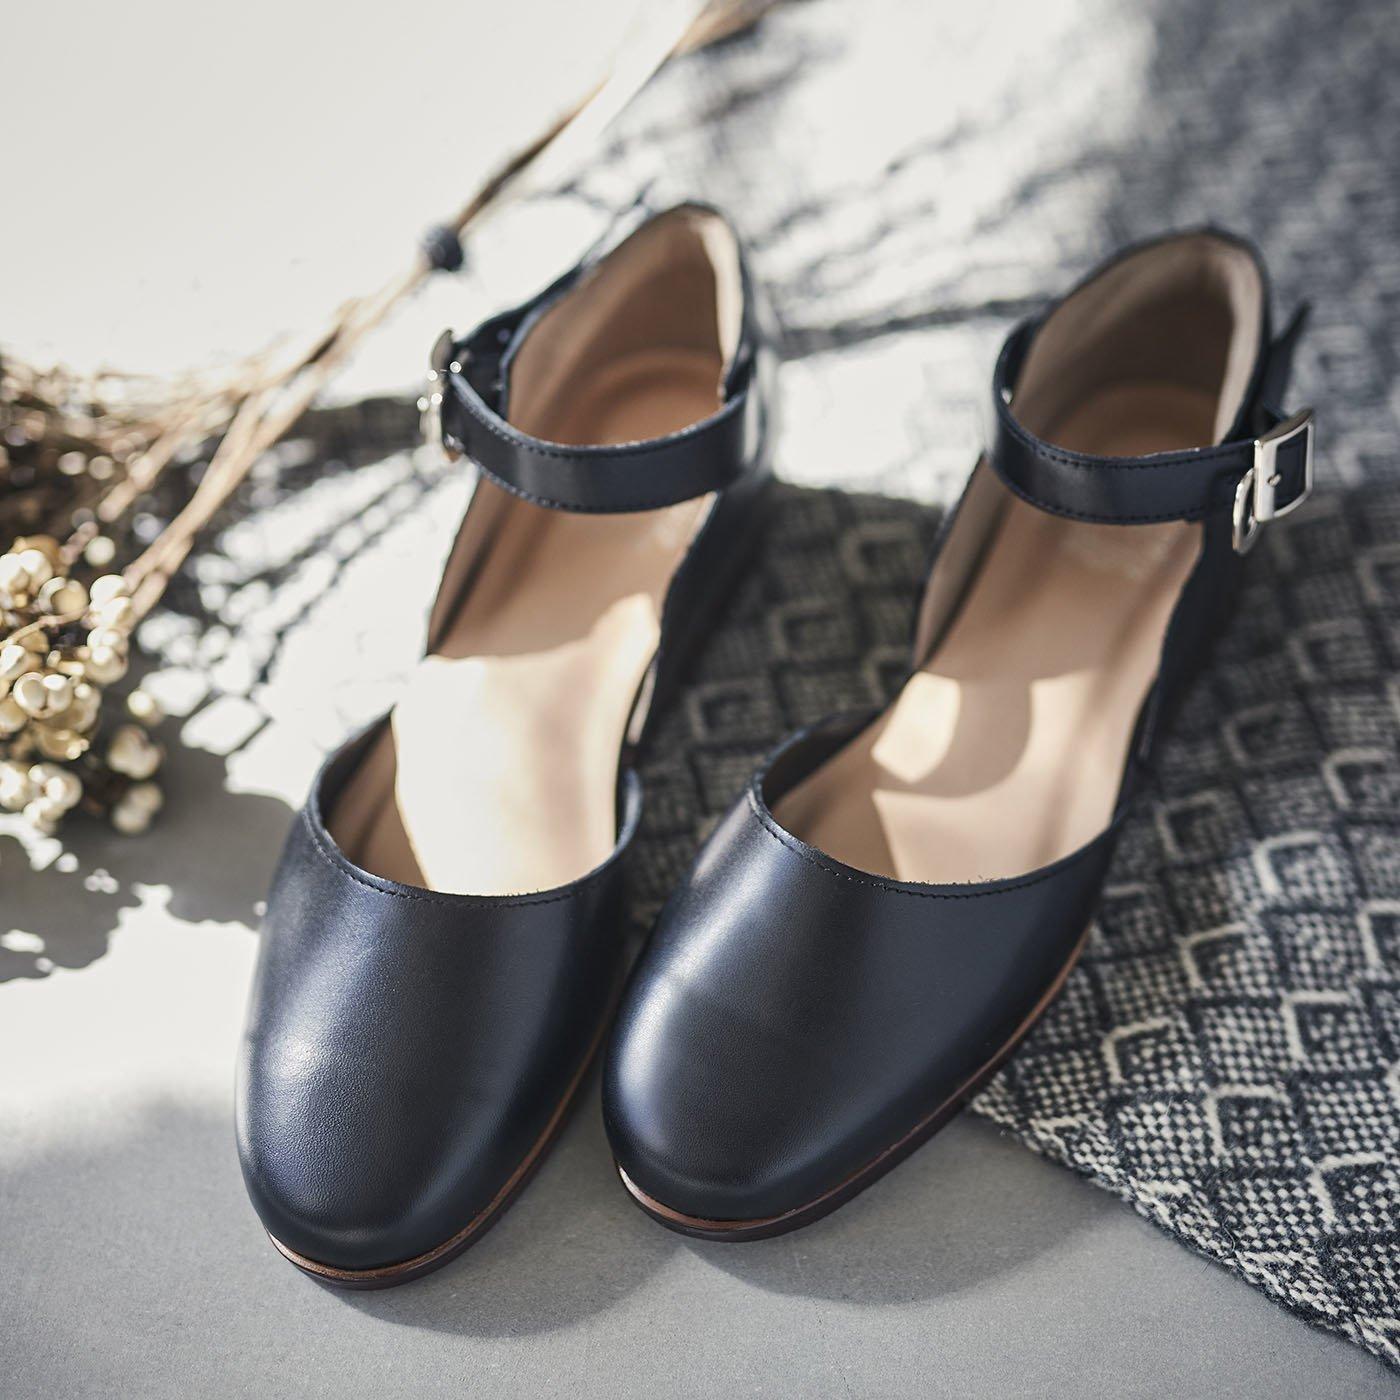 長田靴職人が叶えた 本革ストラップトウシューズ〈ブラックキャット〉[本革 靴:日本製]